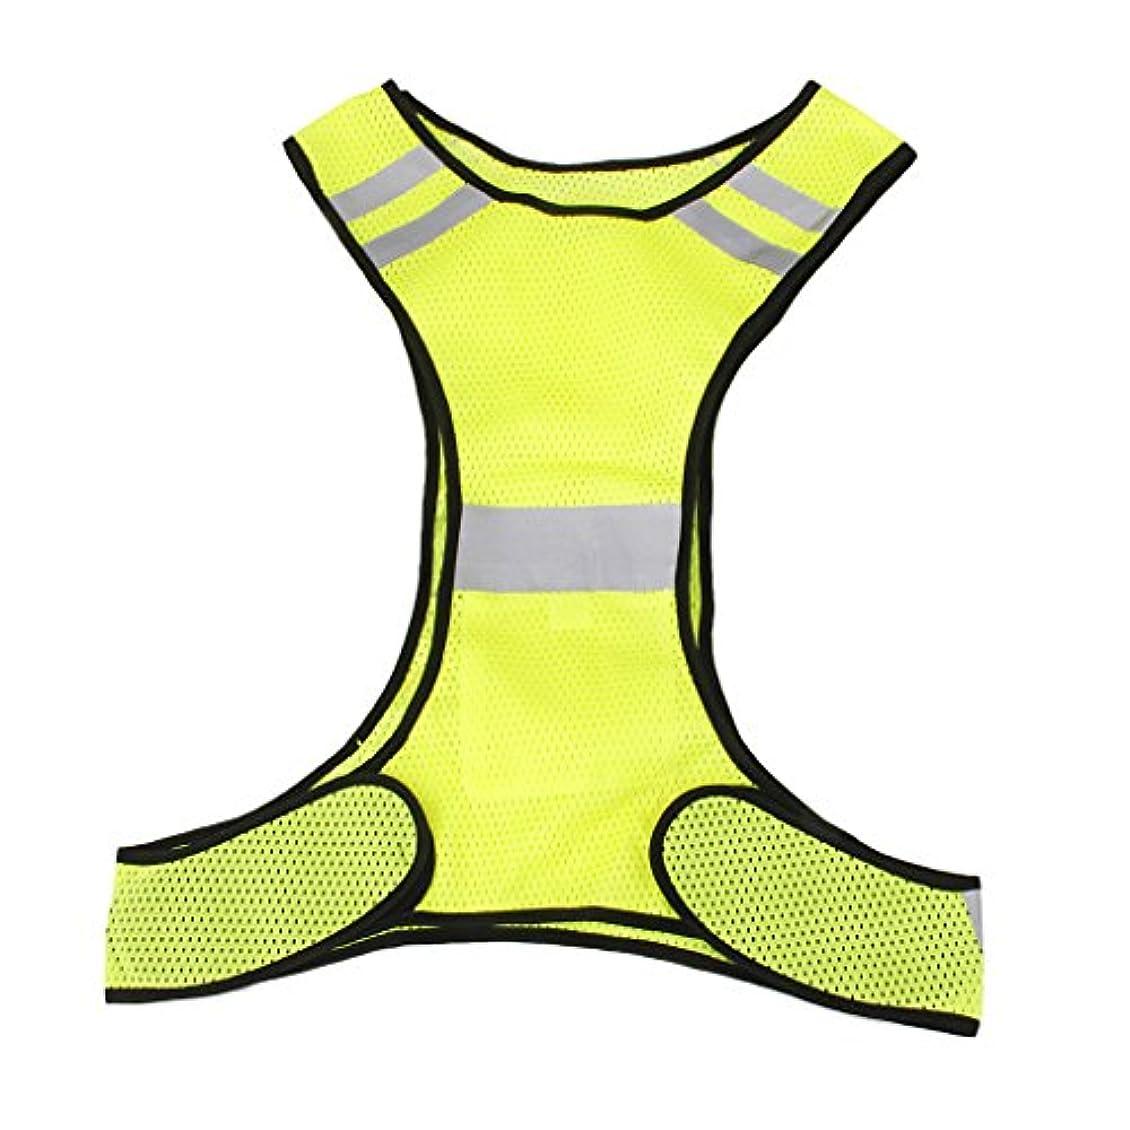 洞察力のあるフィードオン頭蓋骨DYNWAVE ジョギング サイクリング ウォーキング用 反射 ベスト ジャケット ポリエステル 通気性